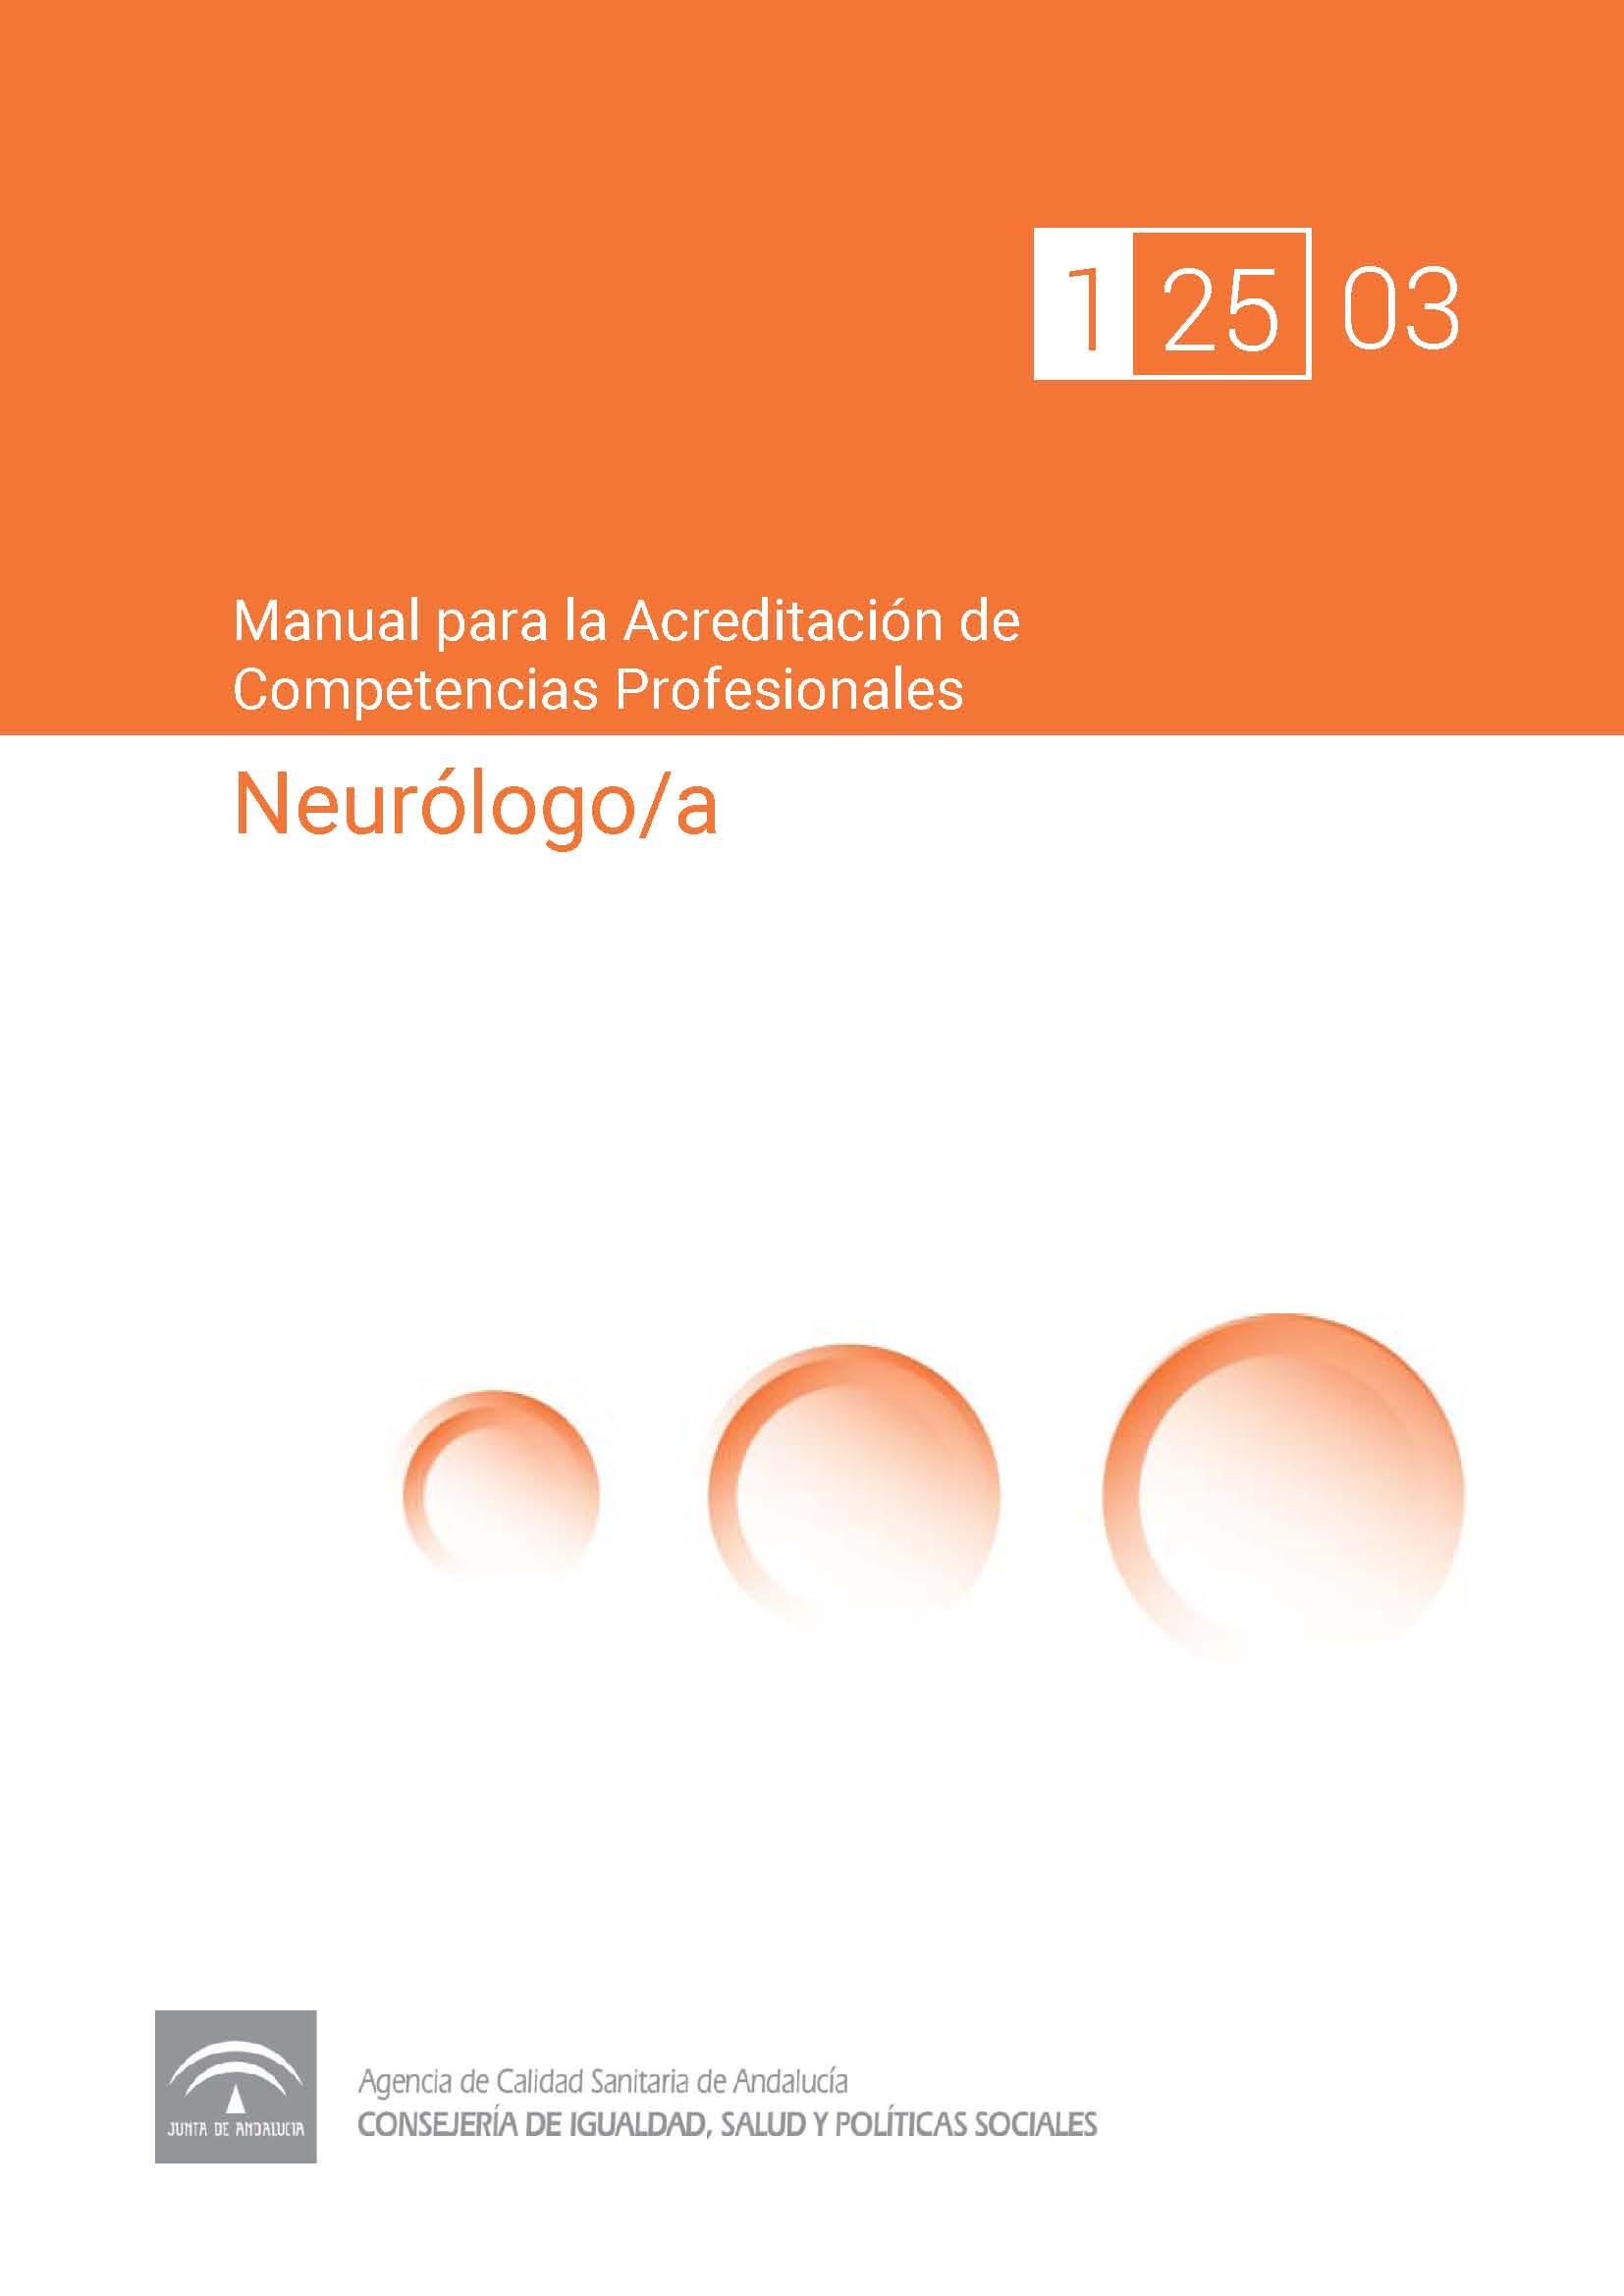 Manual de competencias profesionales del/de la Neurólogo/a